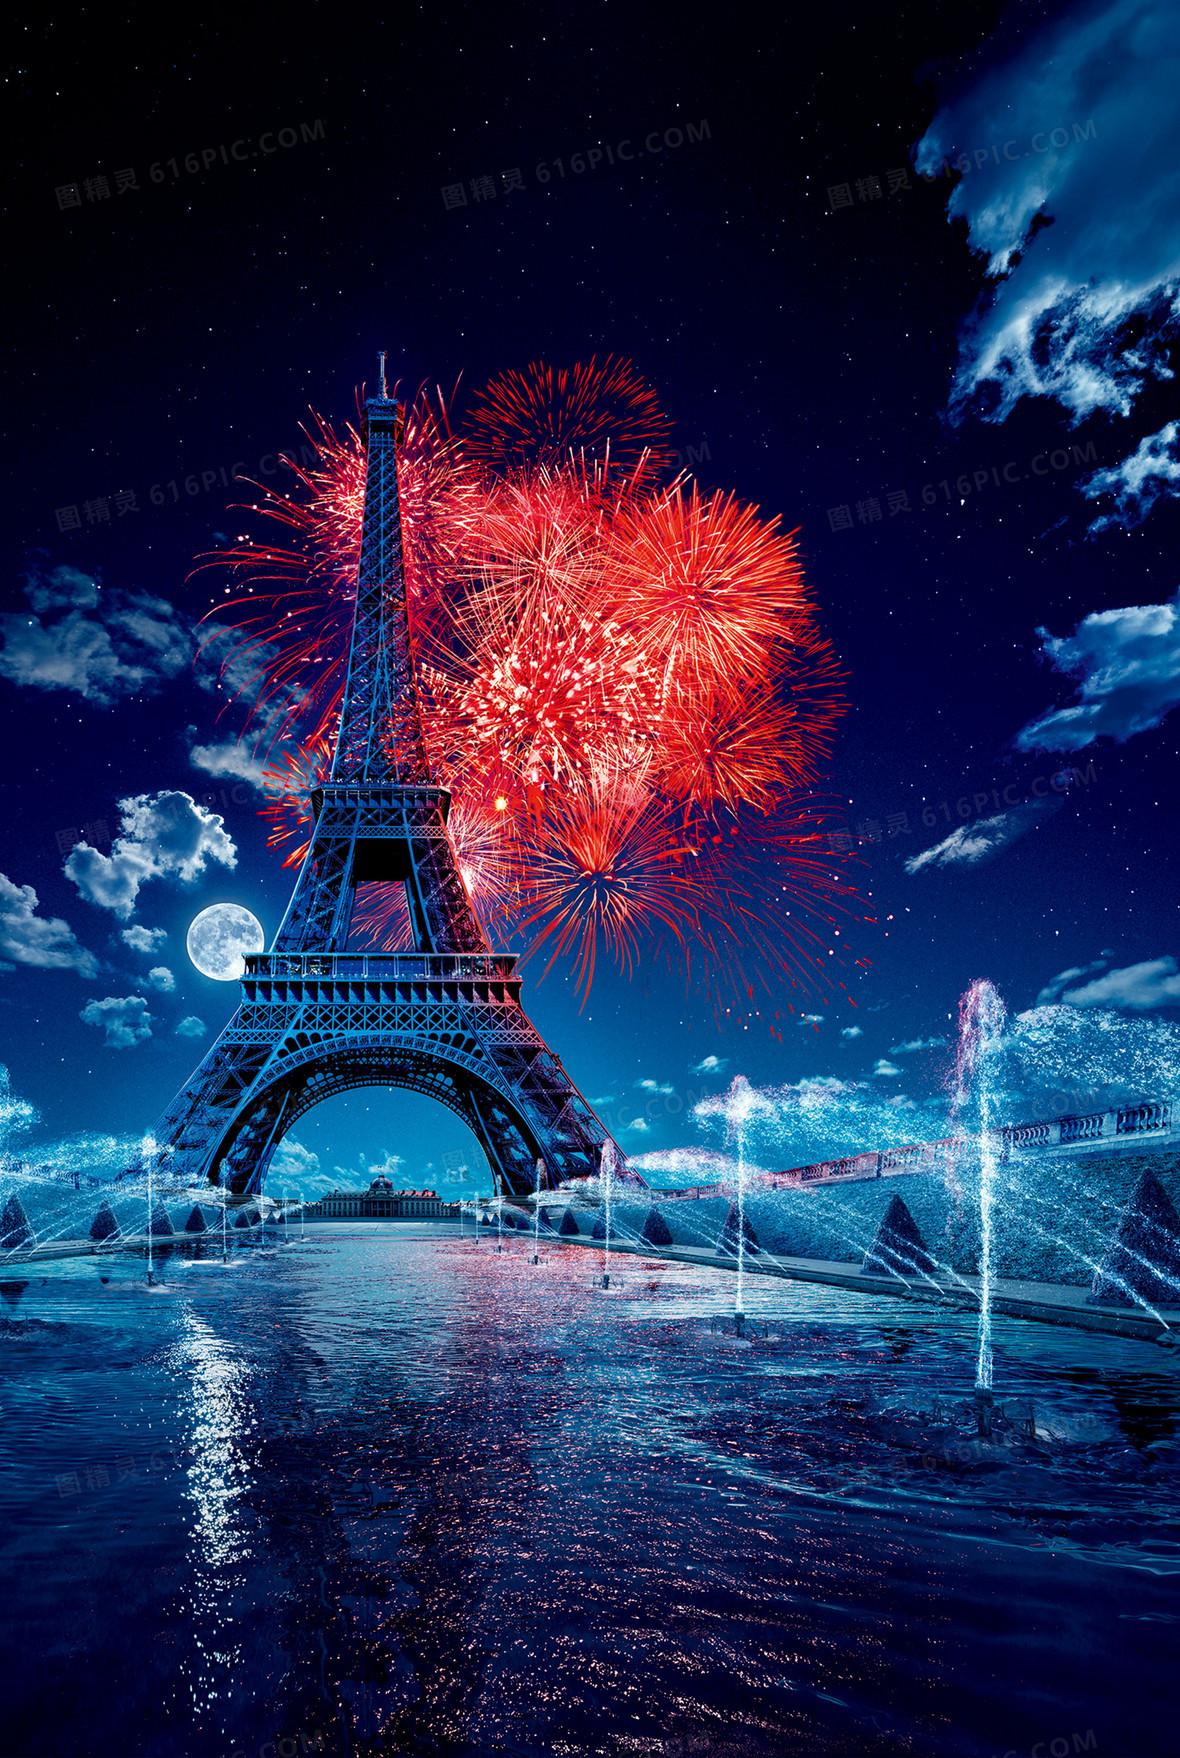 浪漫法国铁塔海报背景素材